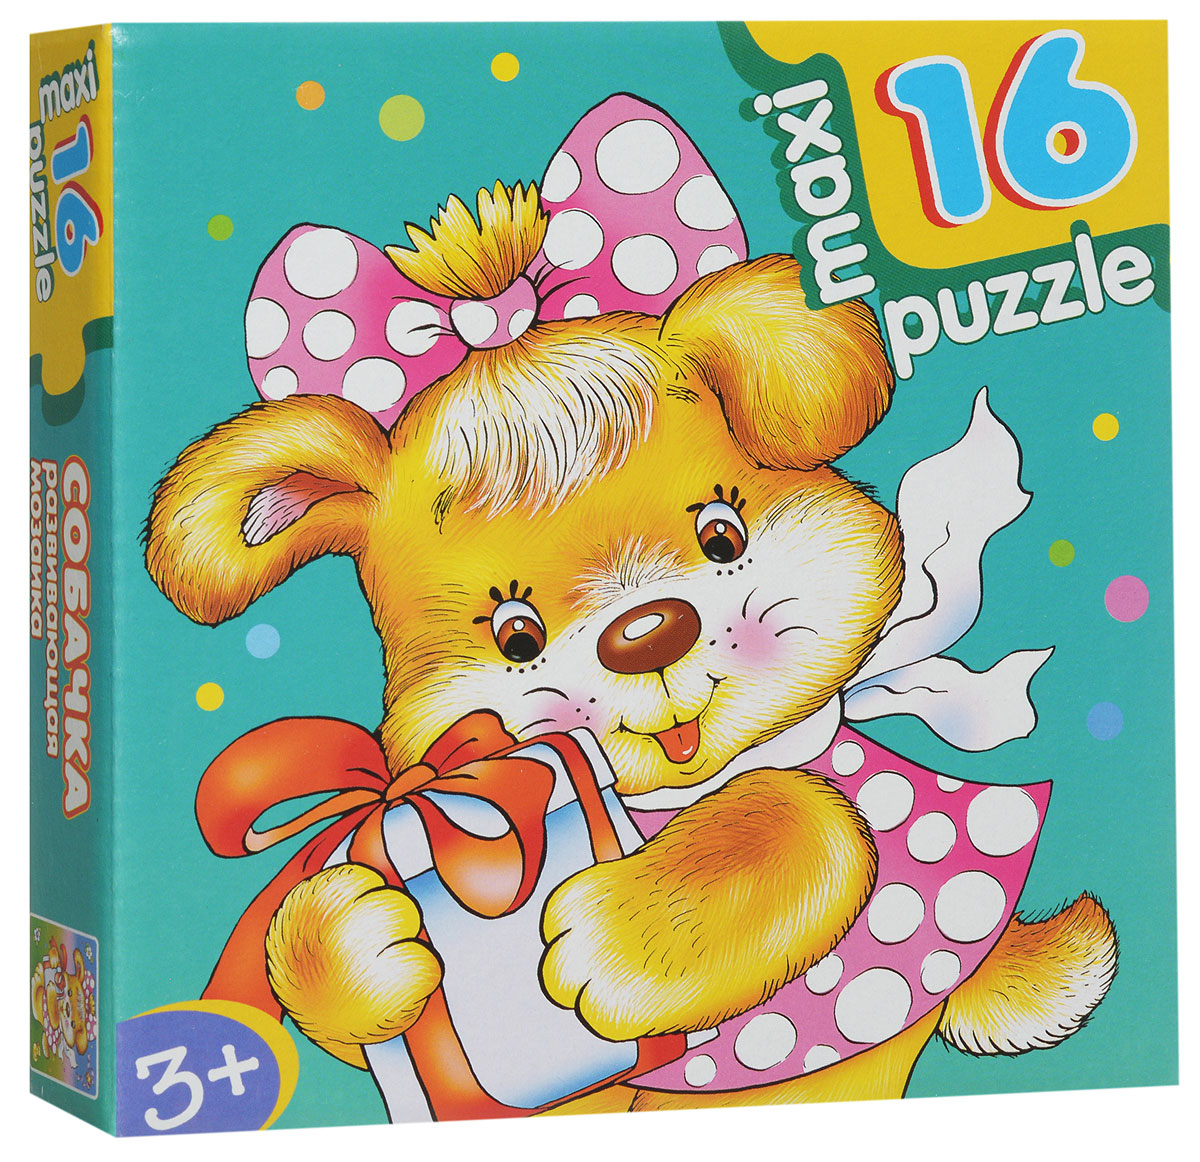 Дрофа-Медиа Пазл для малышей Собачка дрофа медиа пазл для малышей играй и собирай 4 в 1 2944